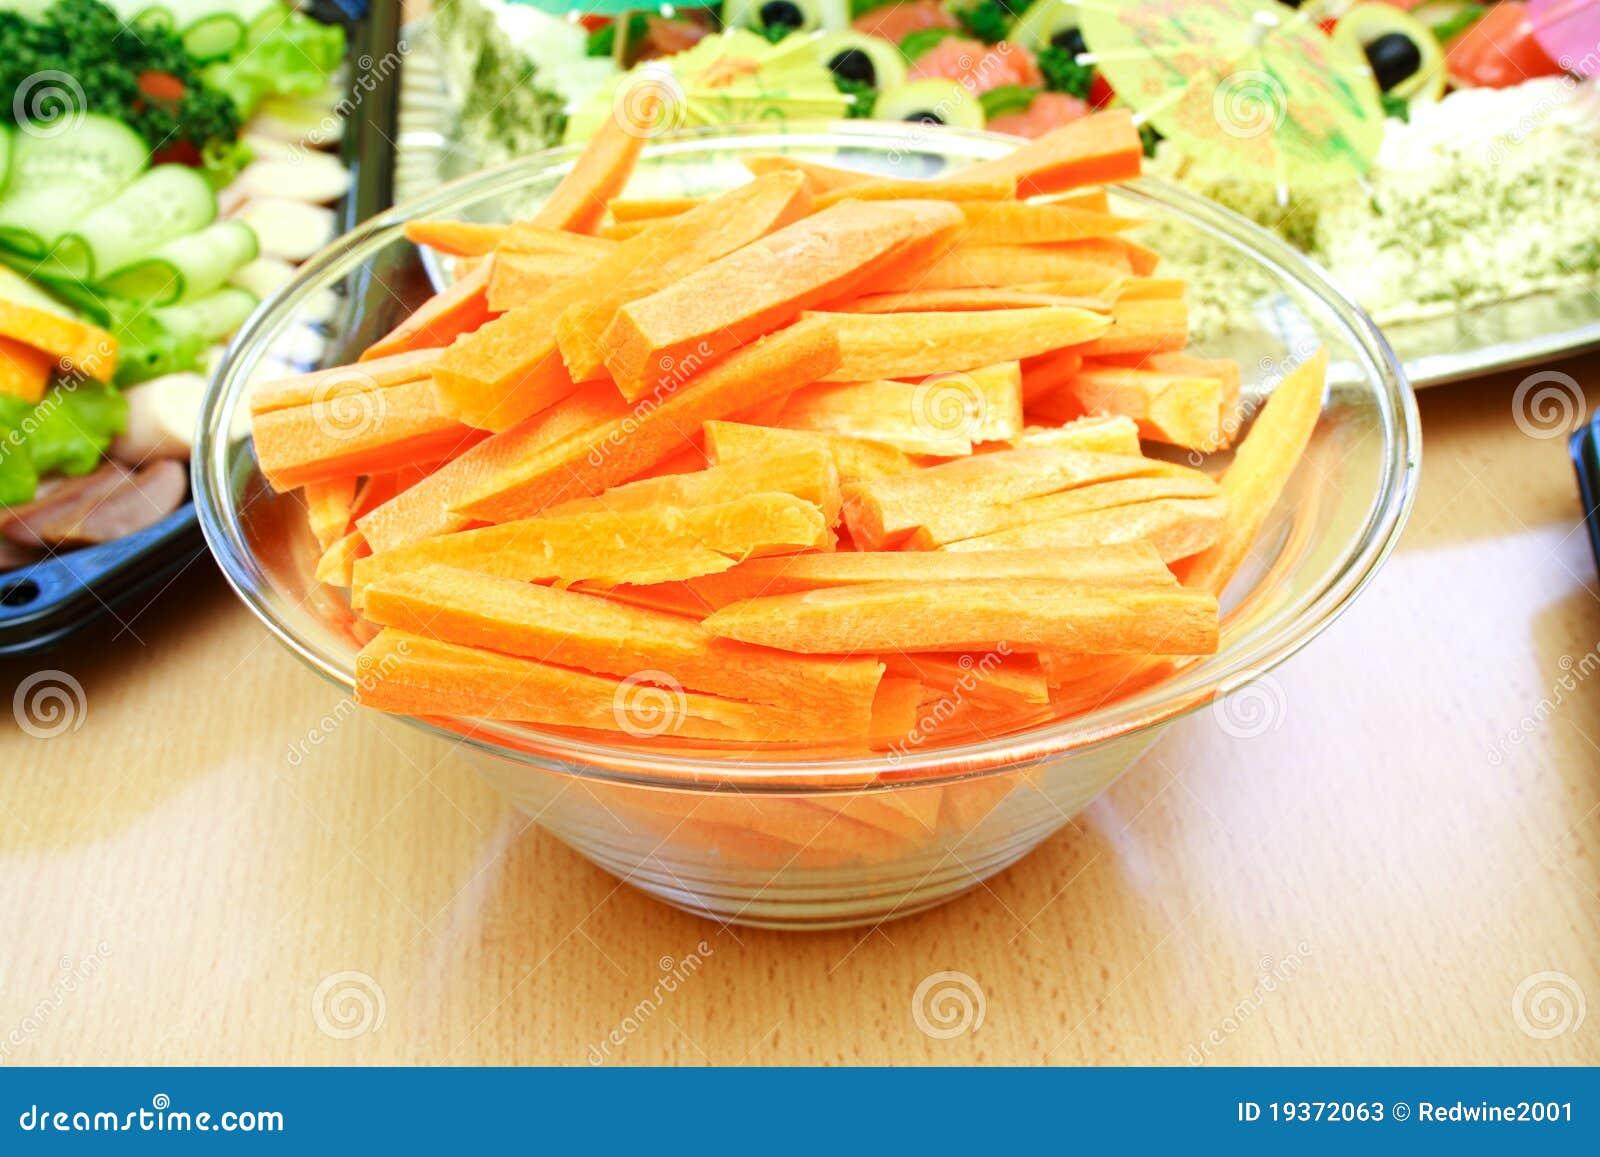 Opinião próxima cenouras cortadas frescas